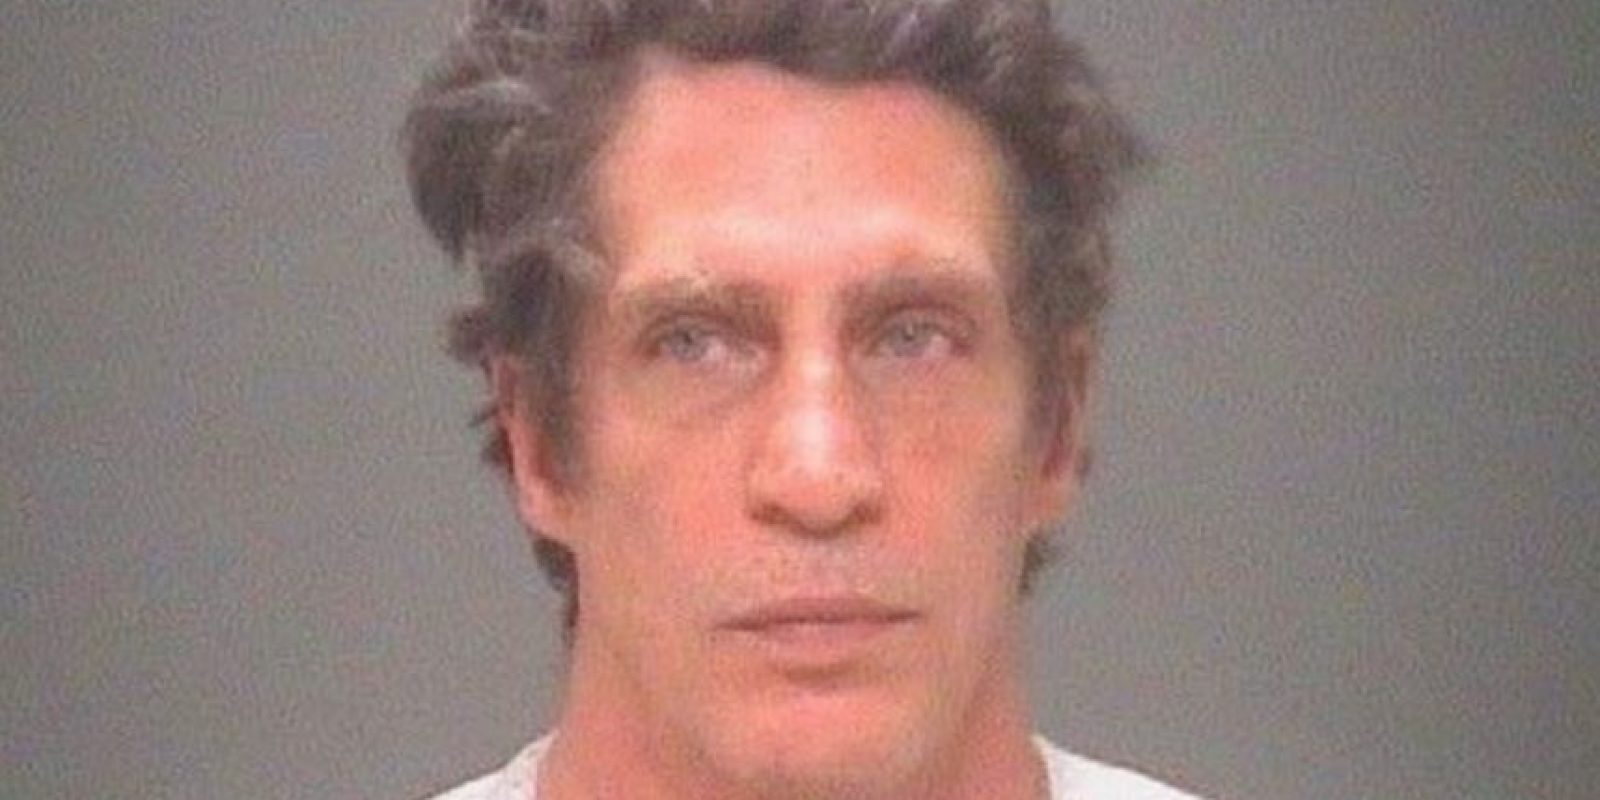 Hasta que cumplió 18 años las autoridades pudieron dar con su paradero. Foto:Vía Cuyahoga County Prosecutor's Office